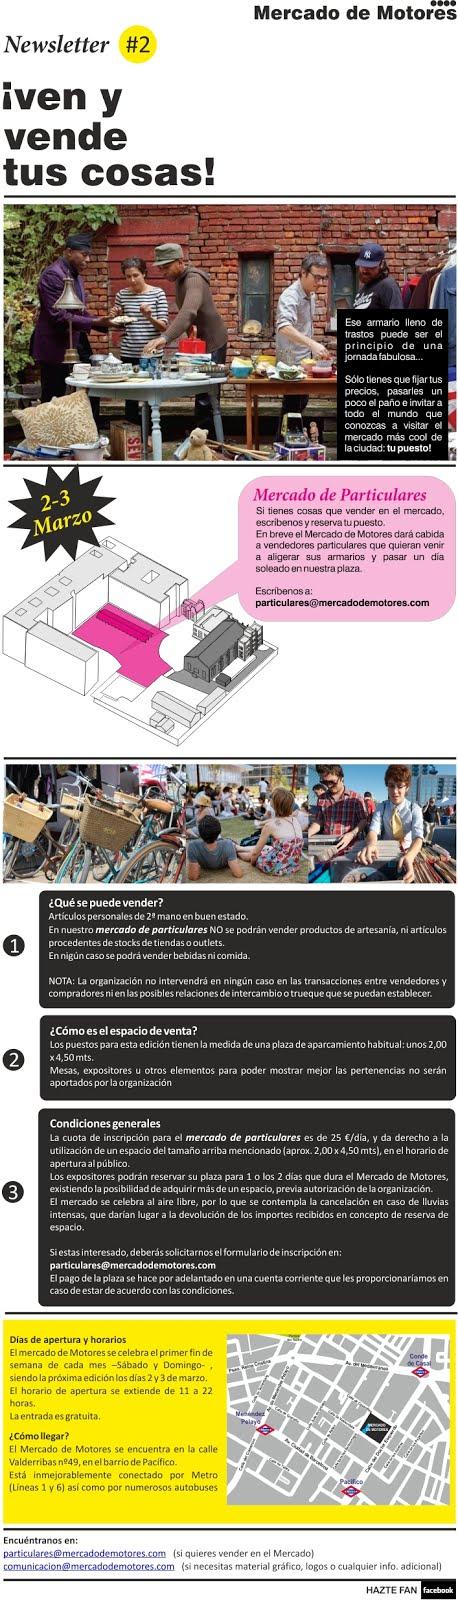 Vende lo que ya no uses en el próximo Mercado urbano de Madrid